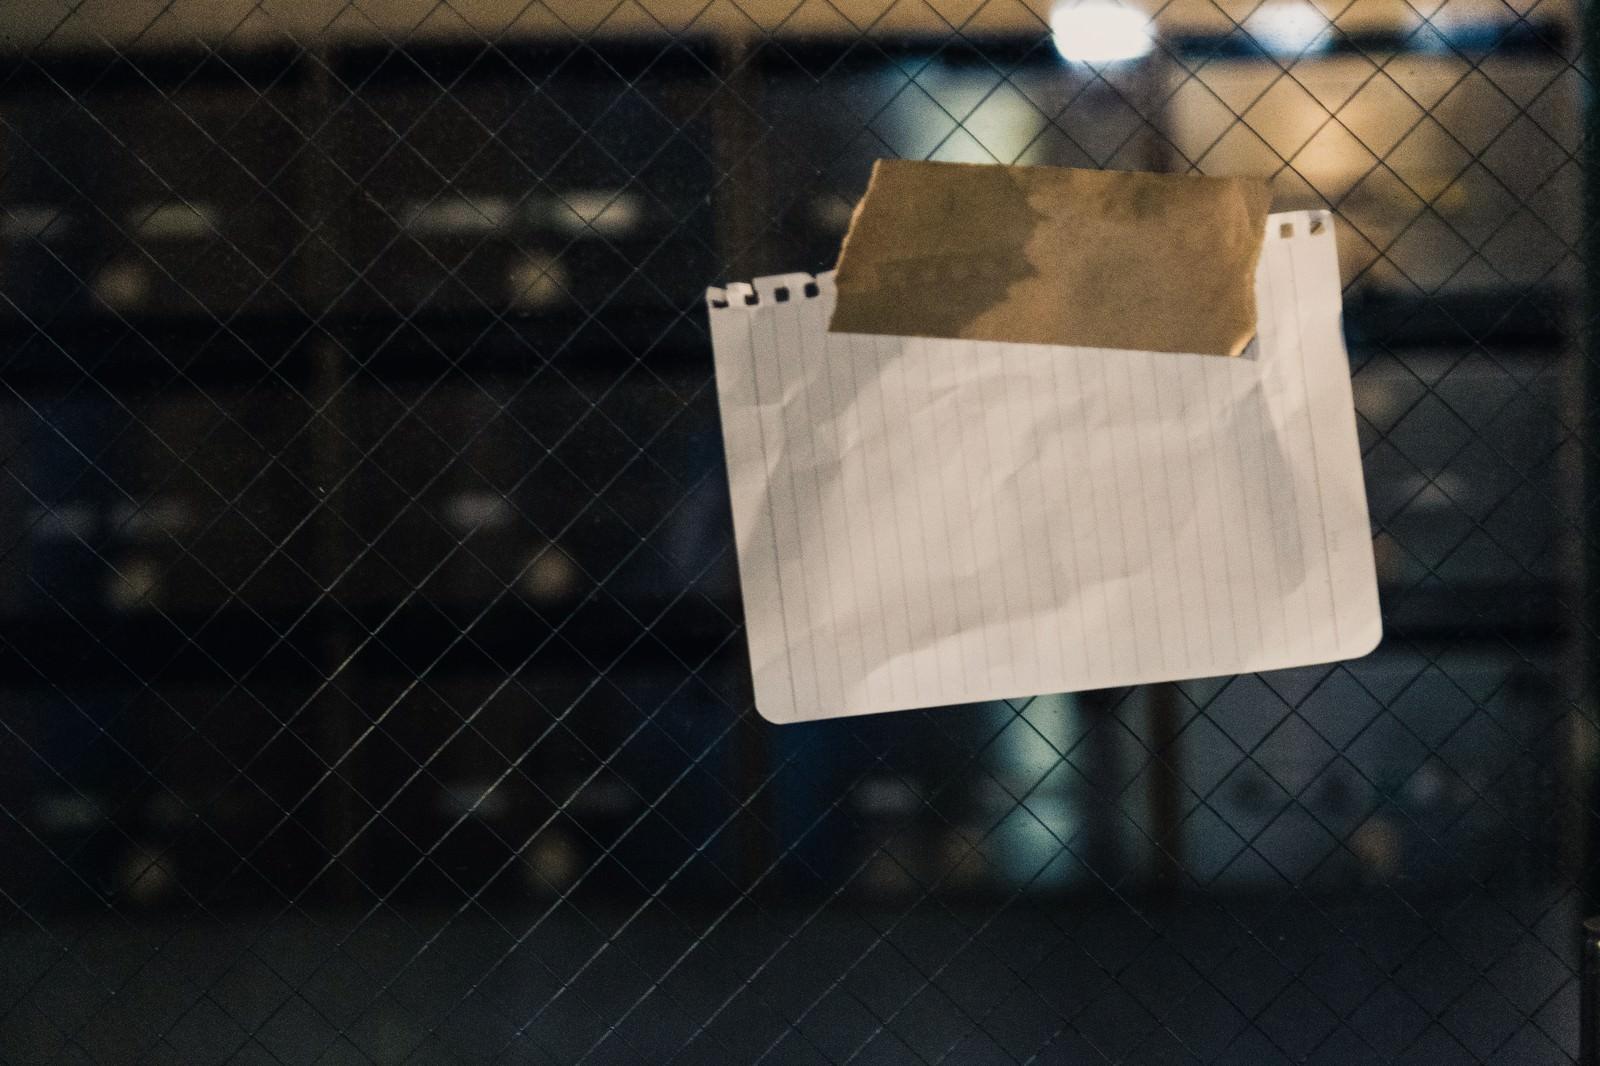 「マンションの入口に貼られていた怪文書」の写真